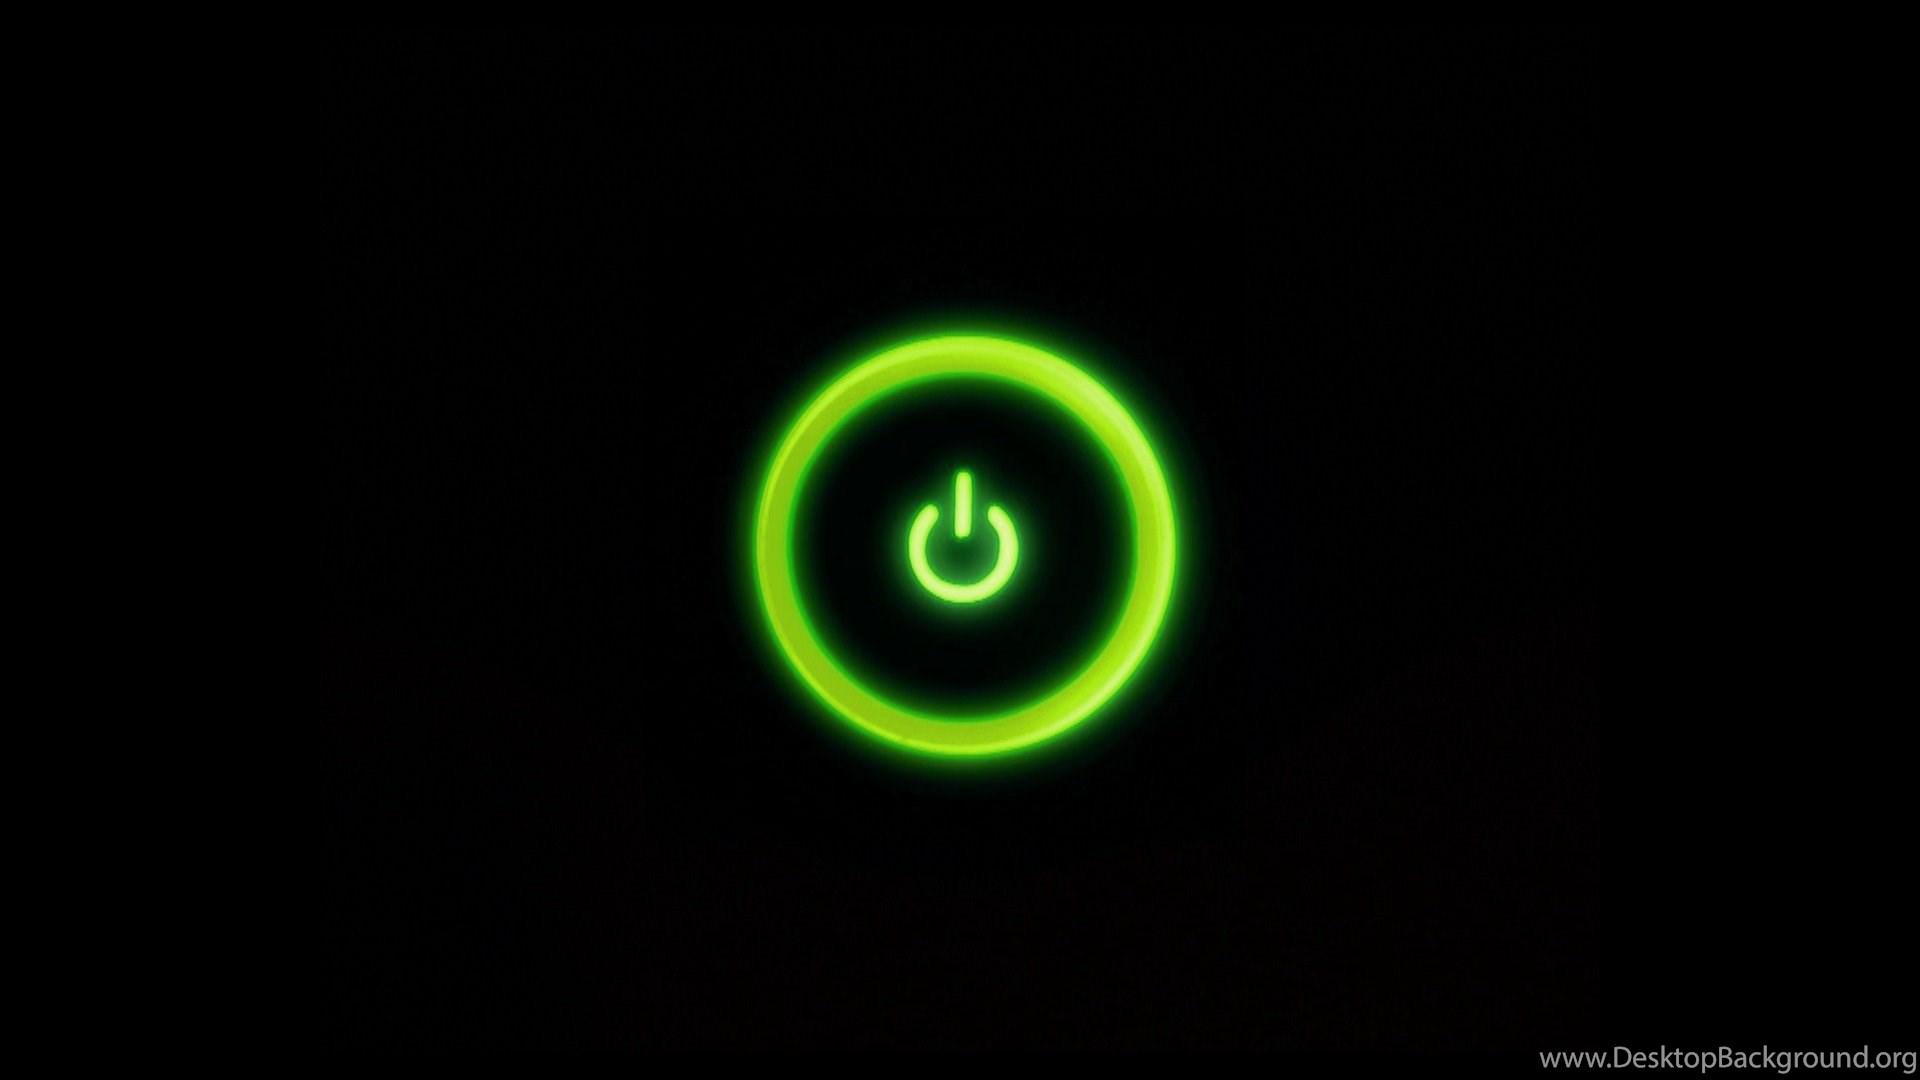 Xbox 360 Green Light Power Button HD Desktop Wallpapers Desktop